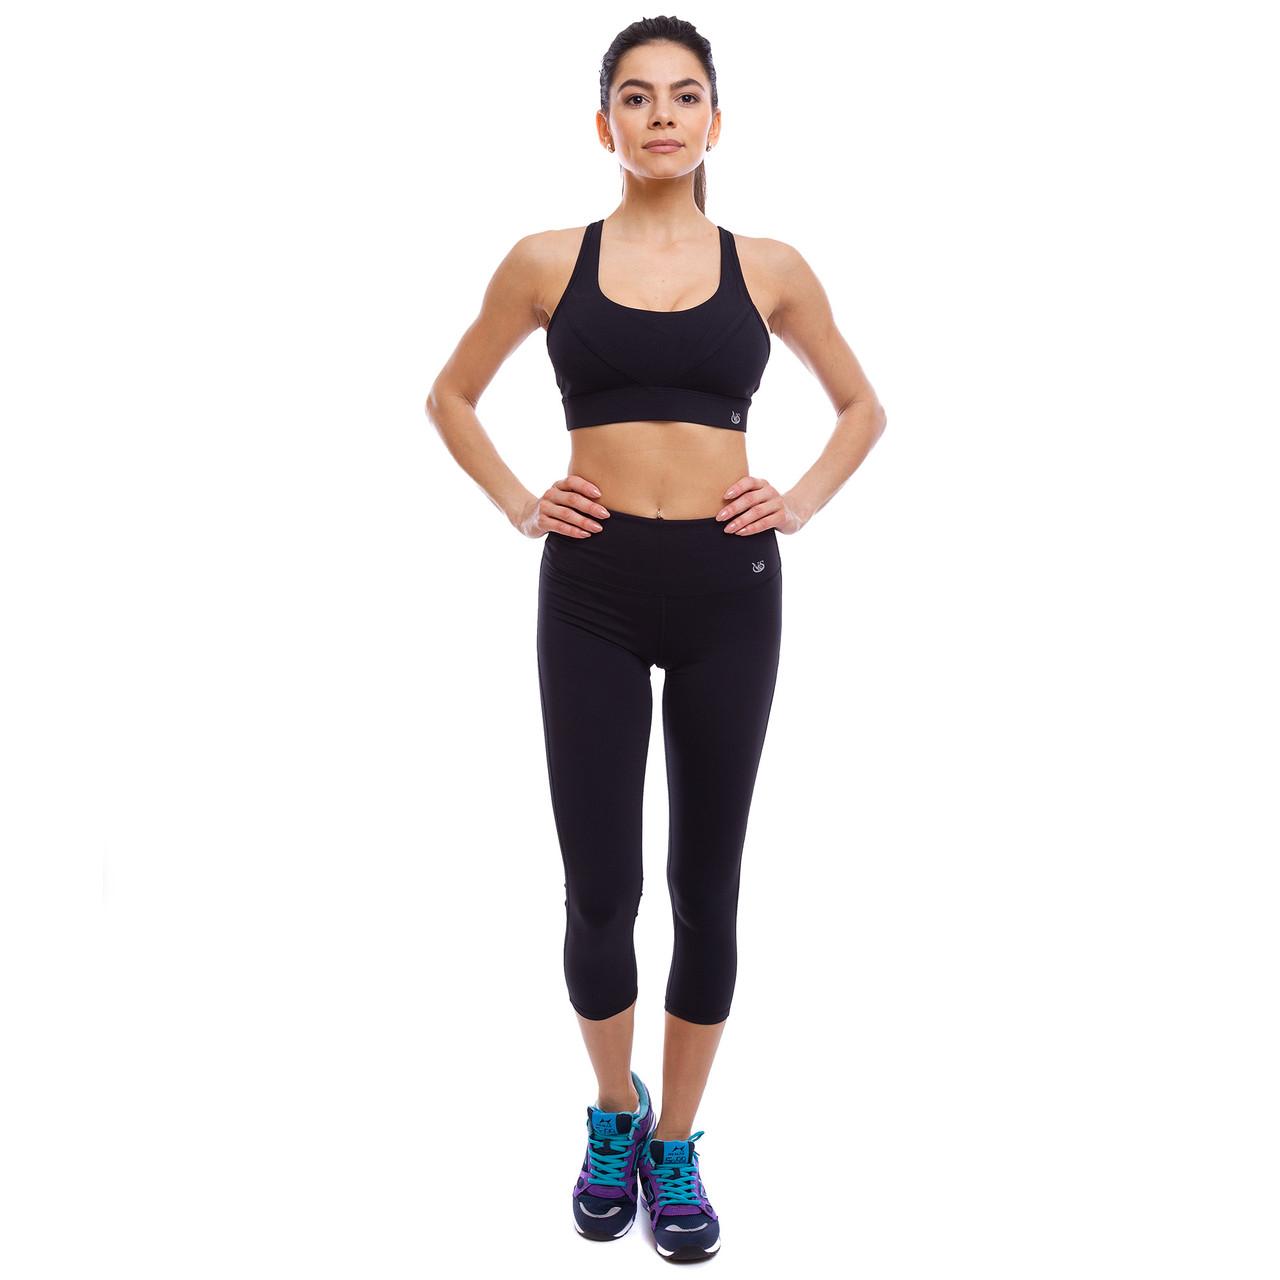 Комплект спортивный для фитнеса и йоги (бриджи и топ) V&X WX1215-BK1216 S-L цвета в ассортименте L (46-48)